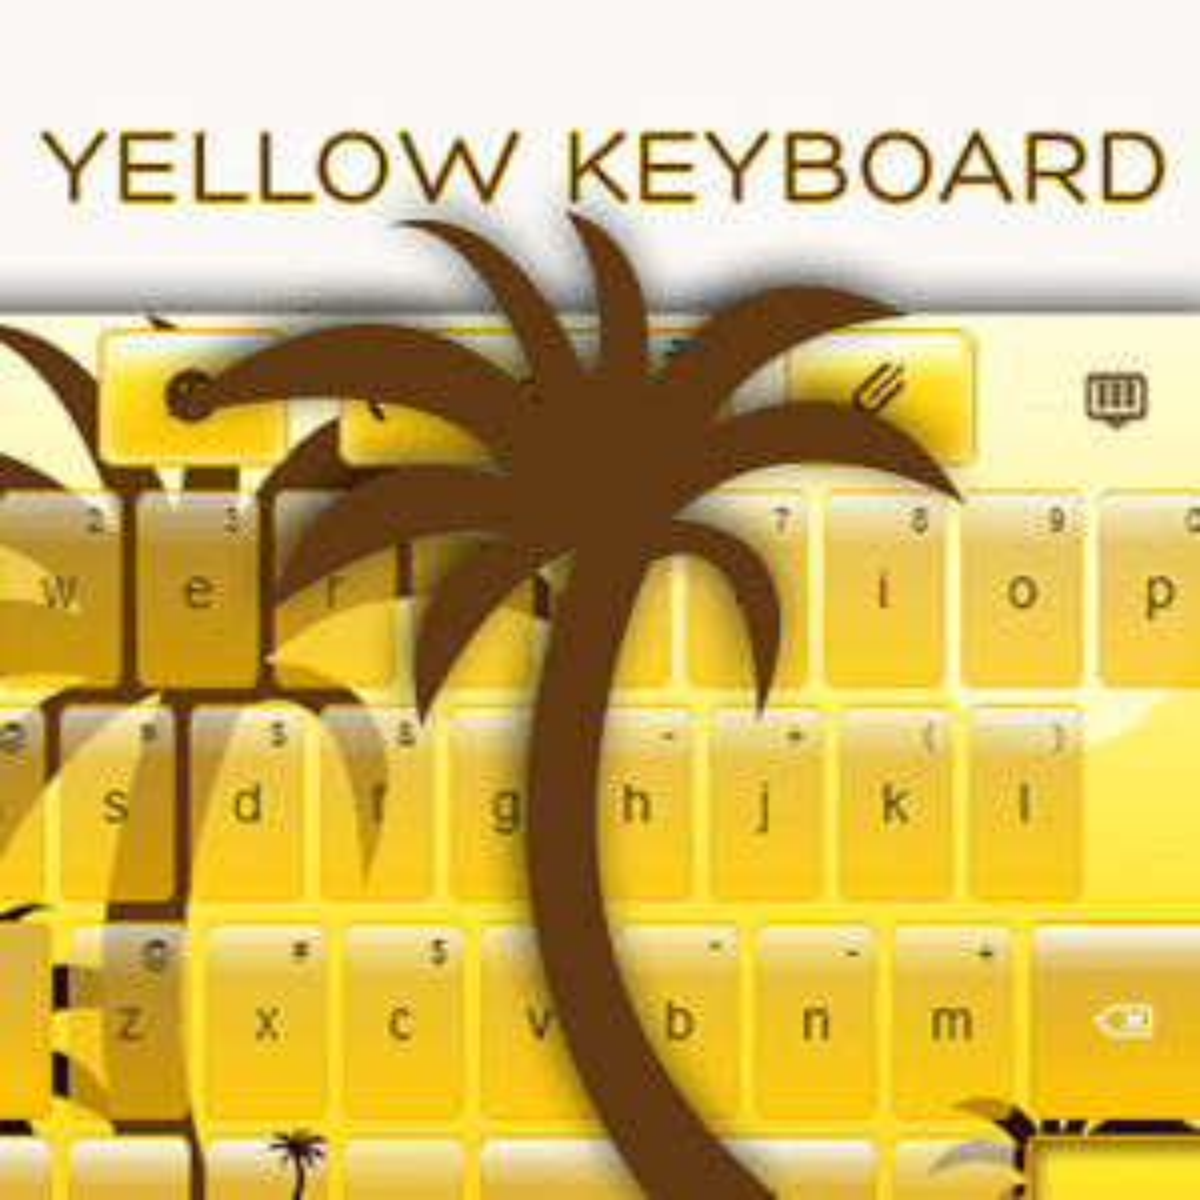 Teclado Amarillo App